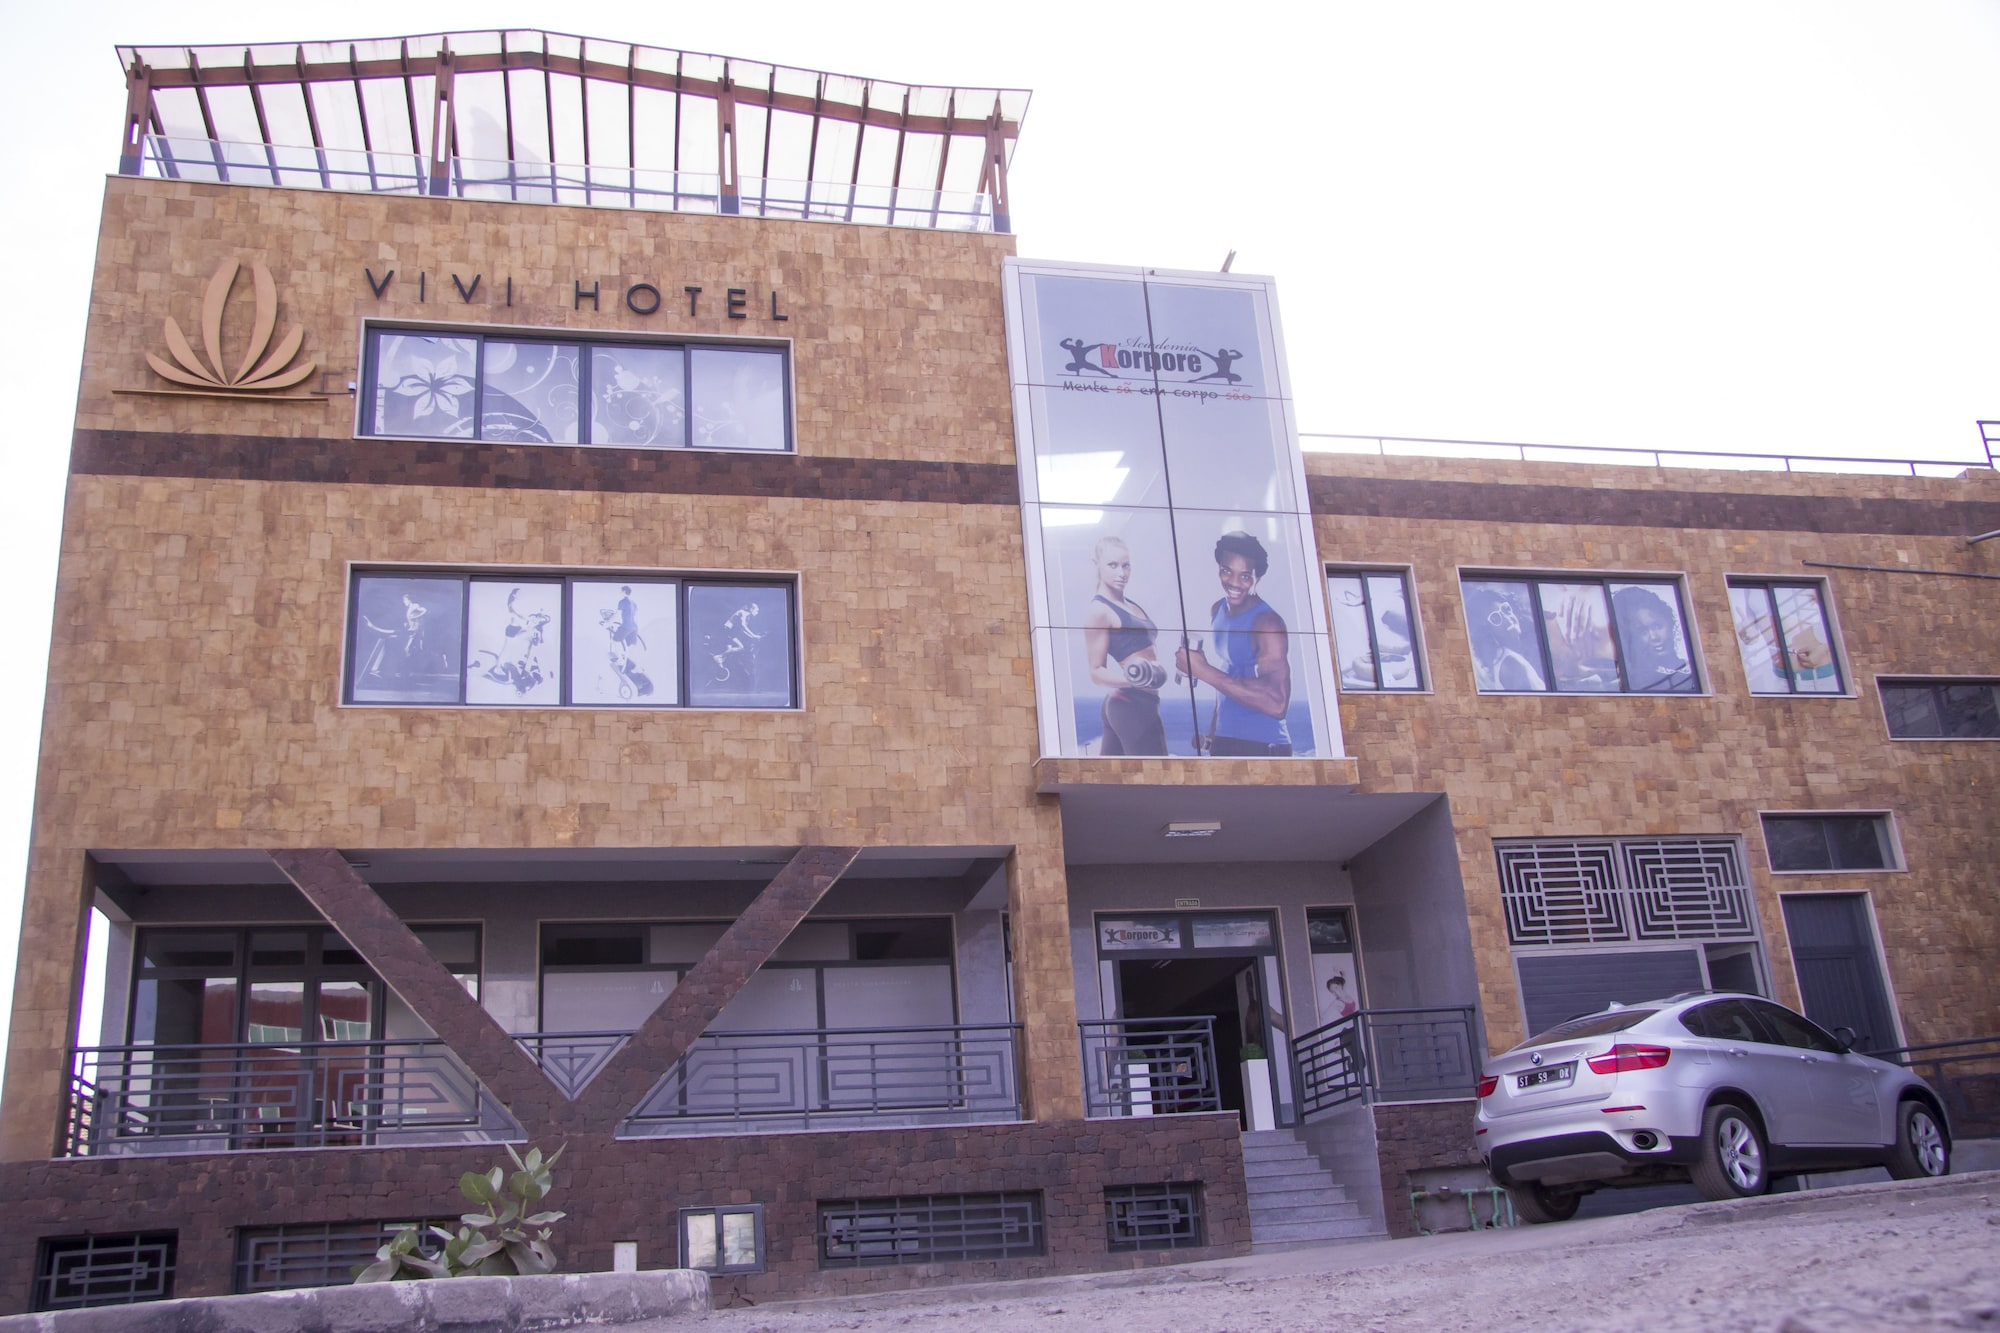 Vivi Hotel,